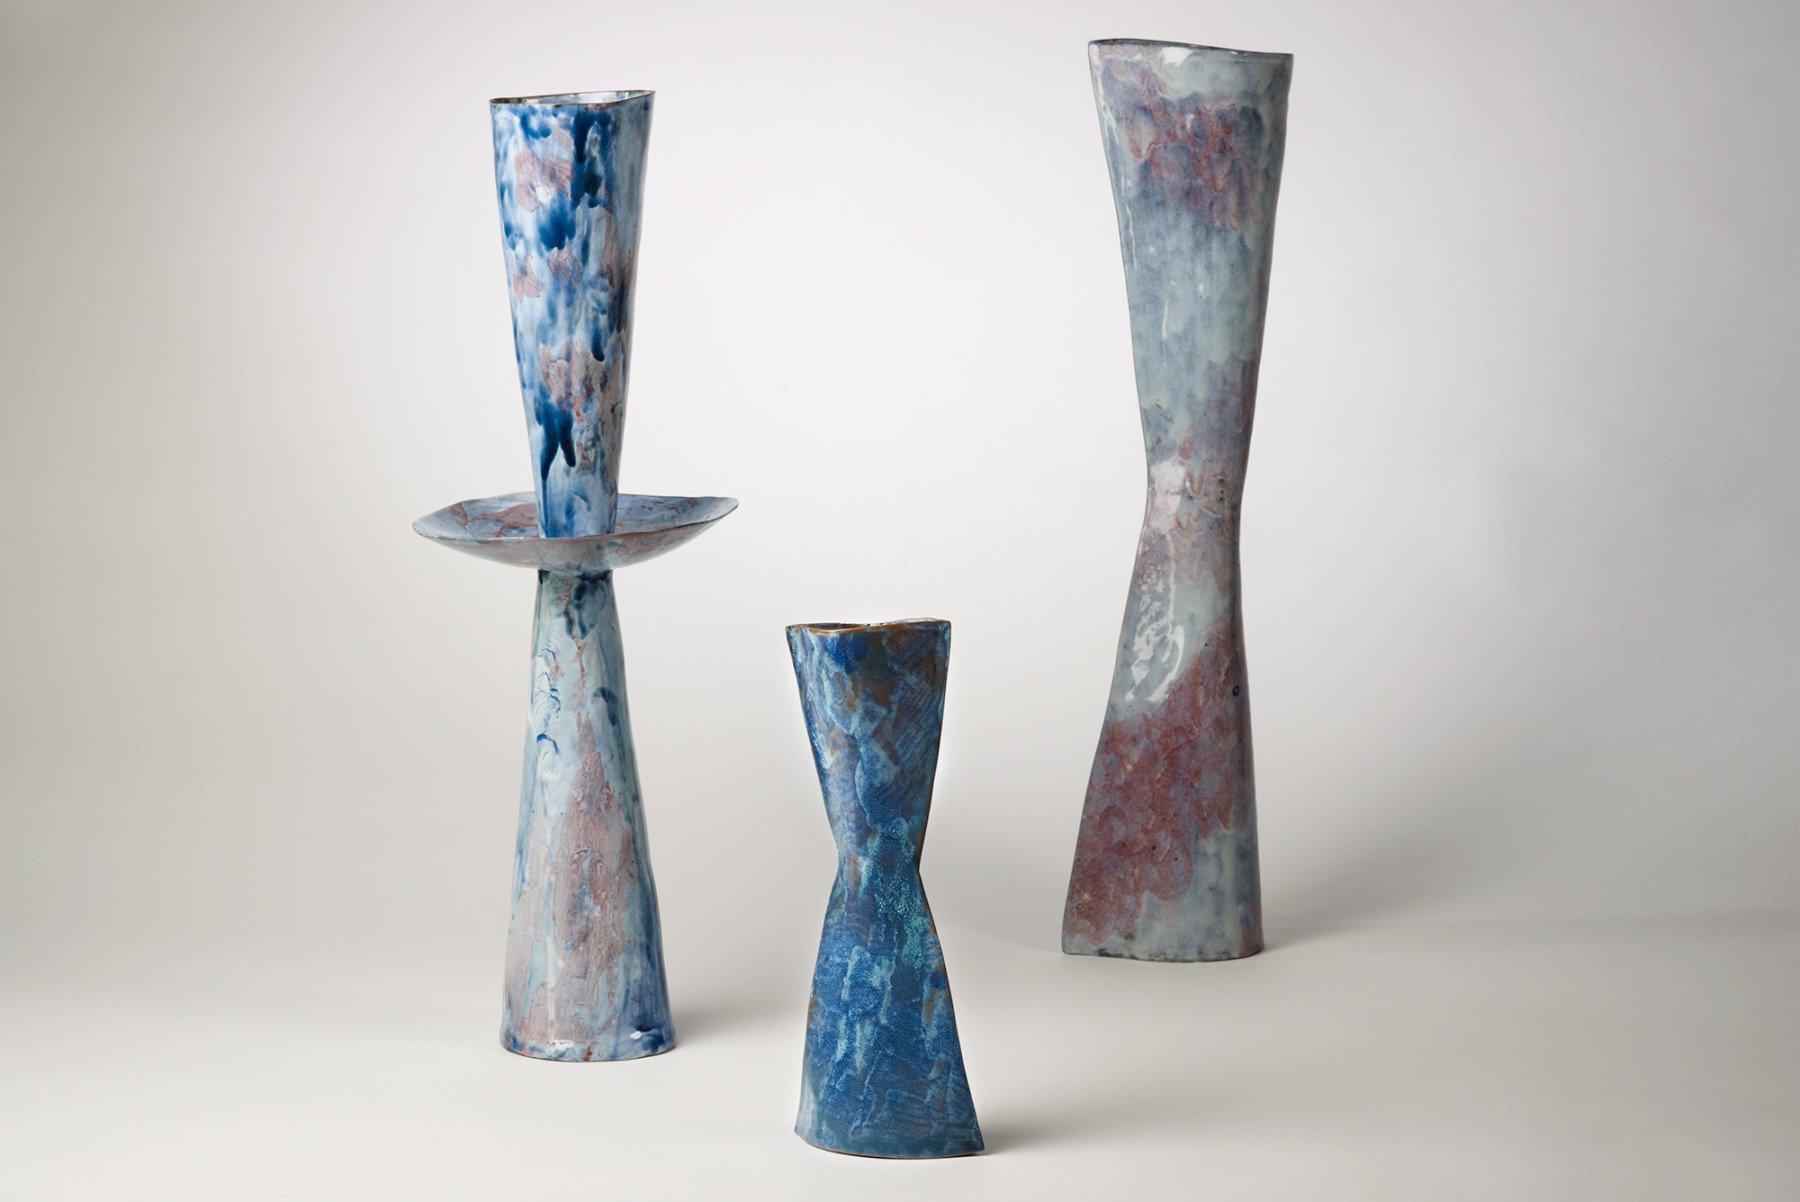 Three Fausto Melotti Vaso-Vescovo ceramic vases at Italian design and art gallery Casati Gallery